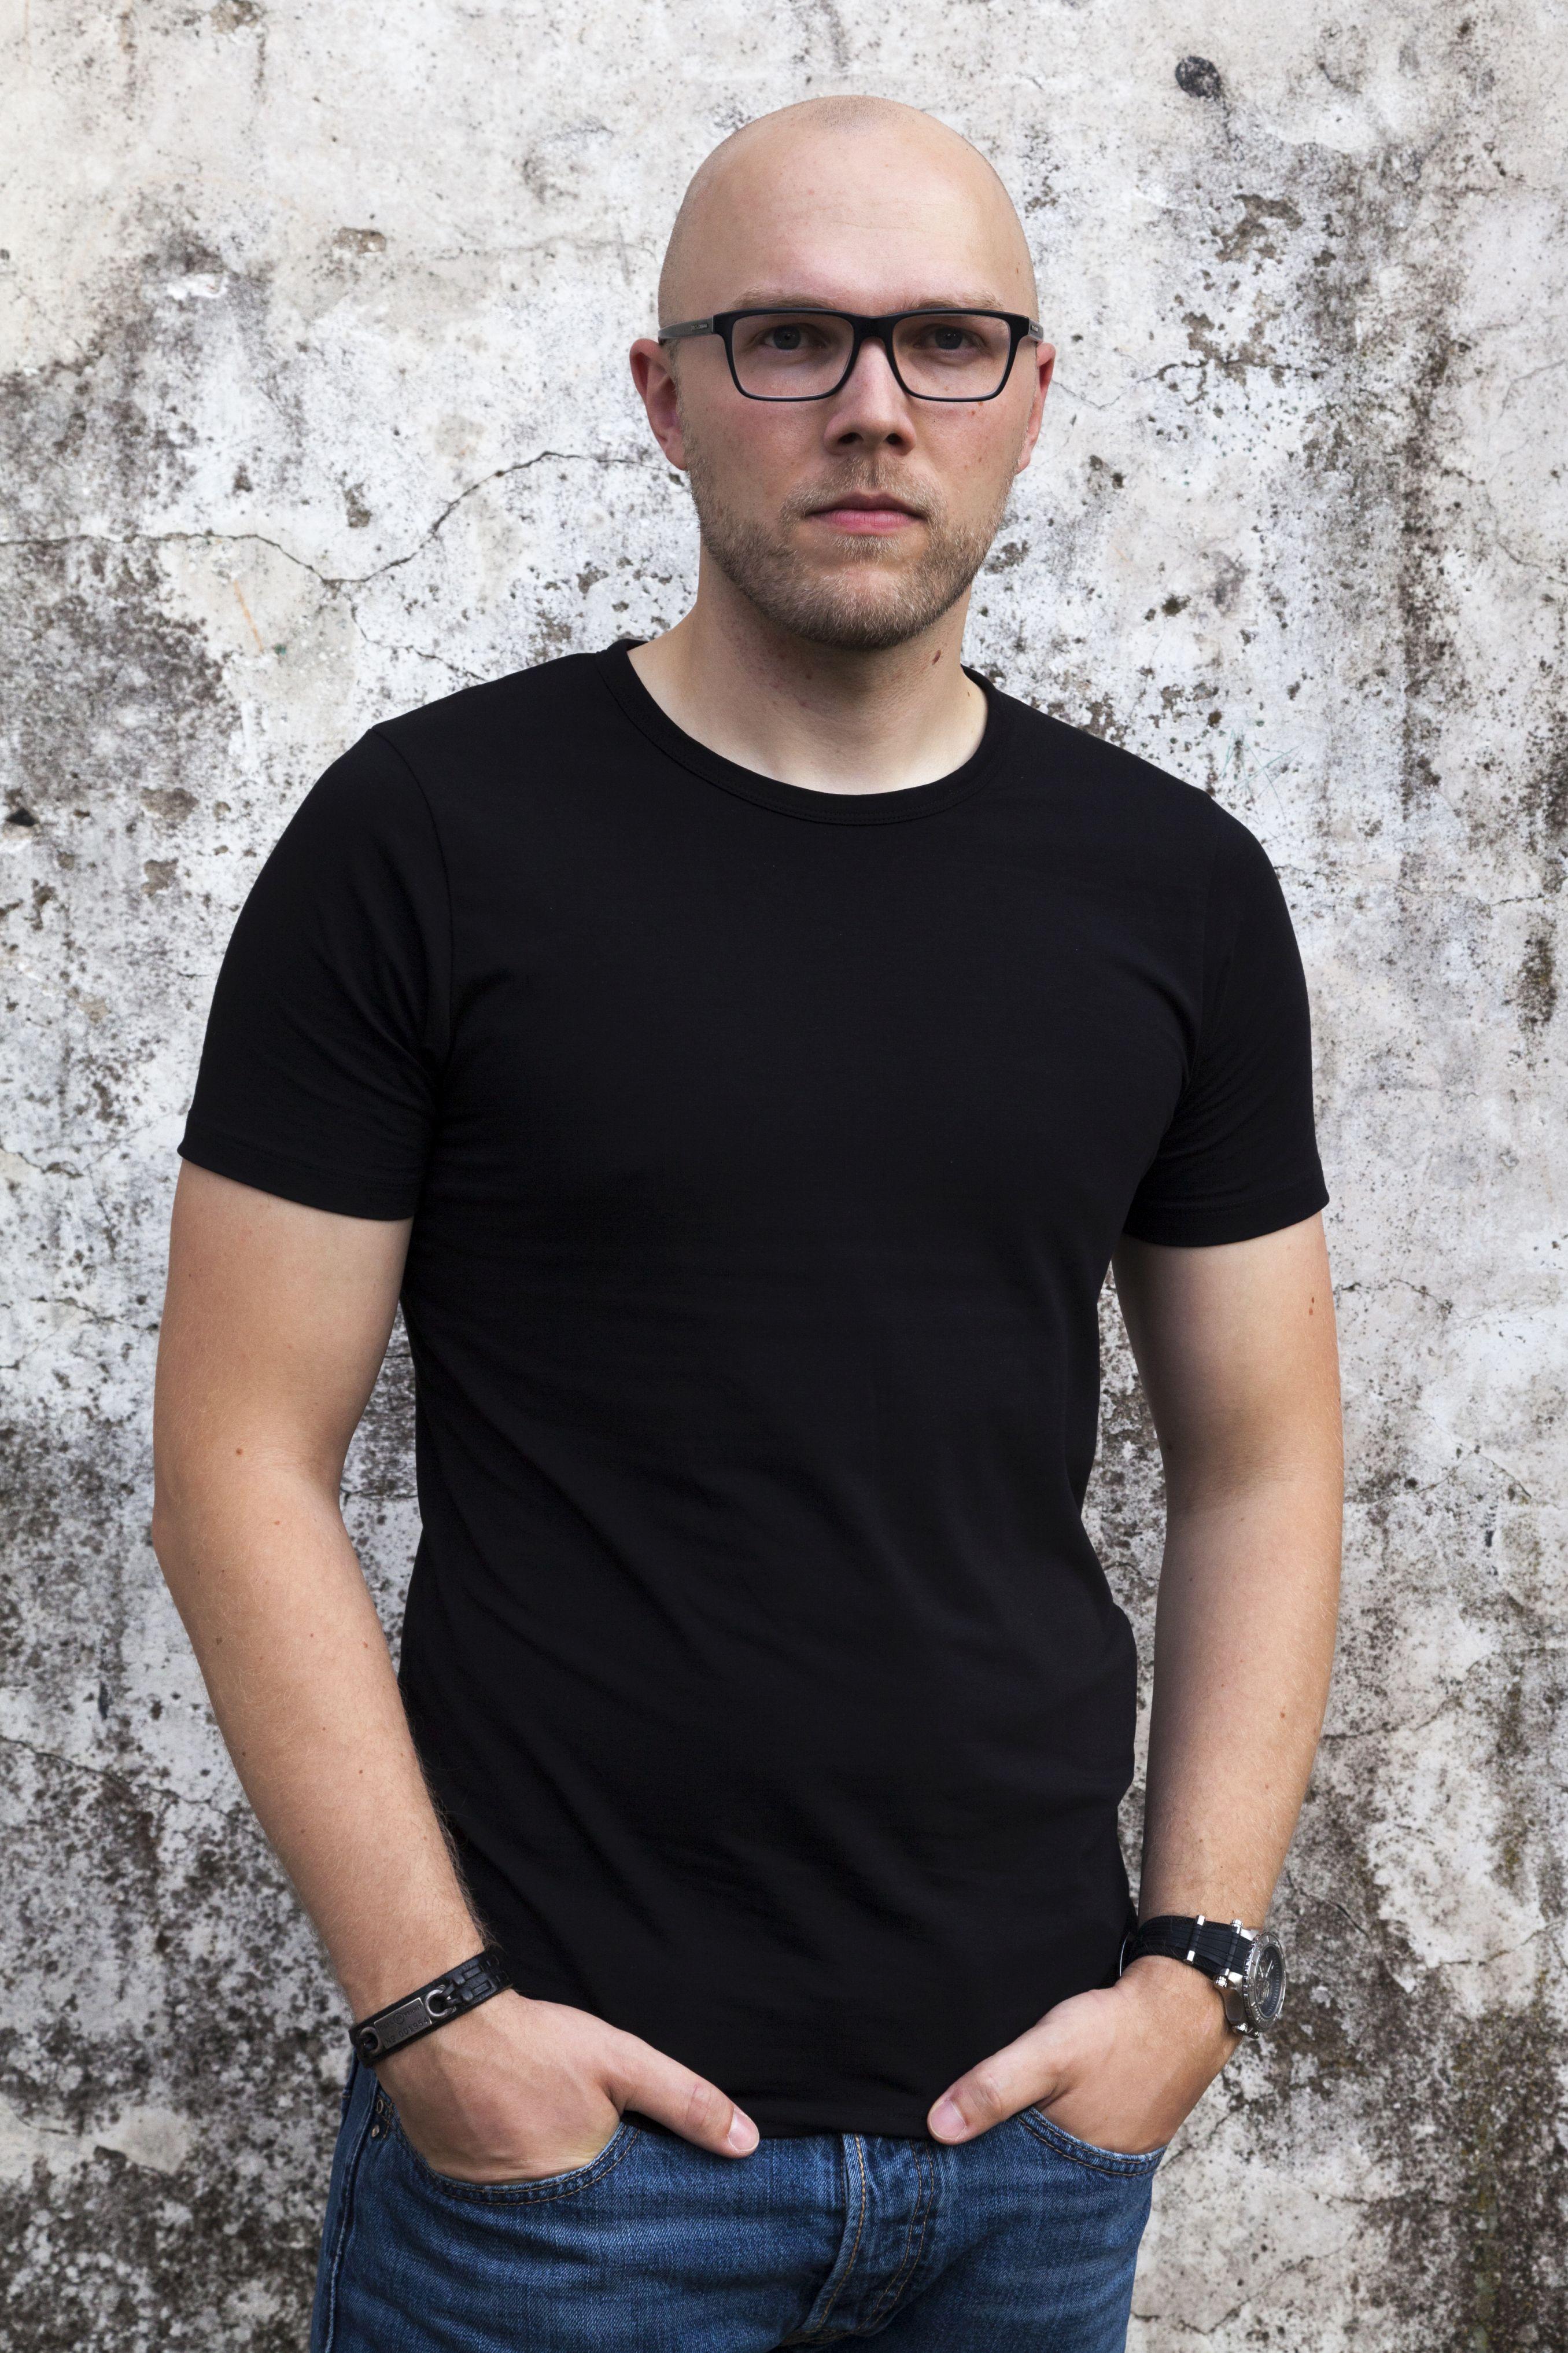 Daniel Moch